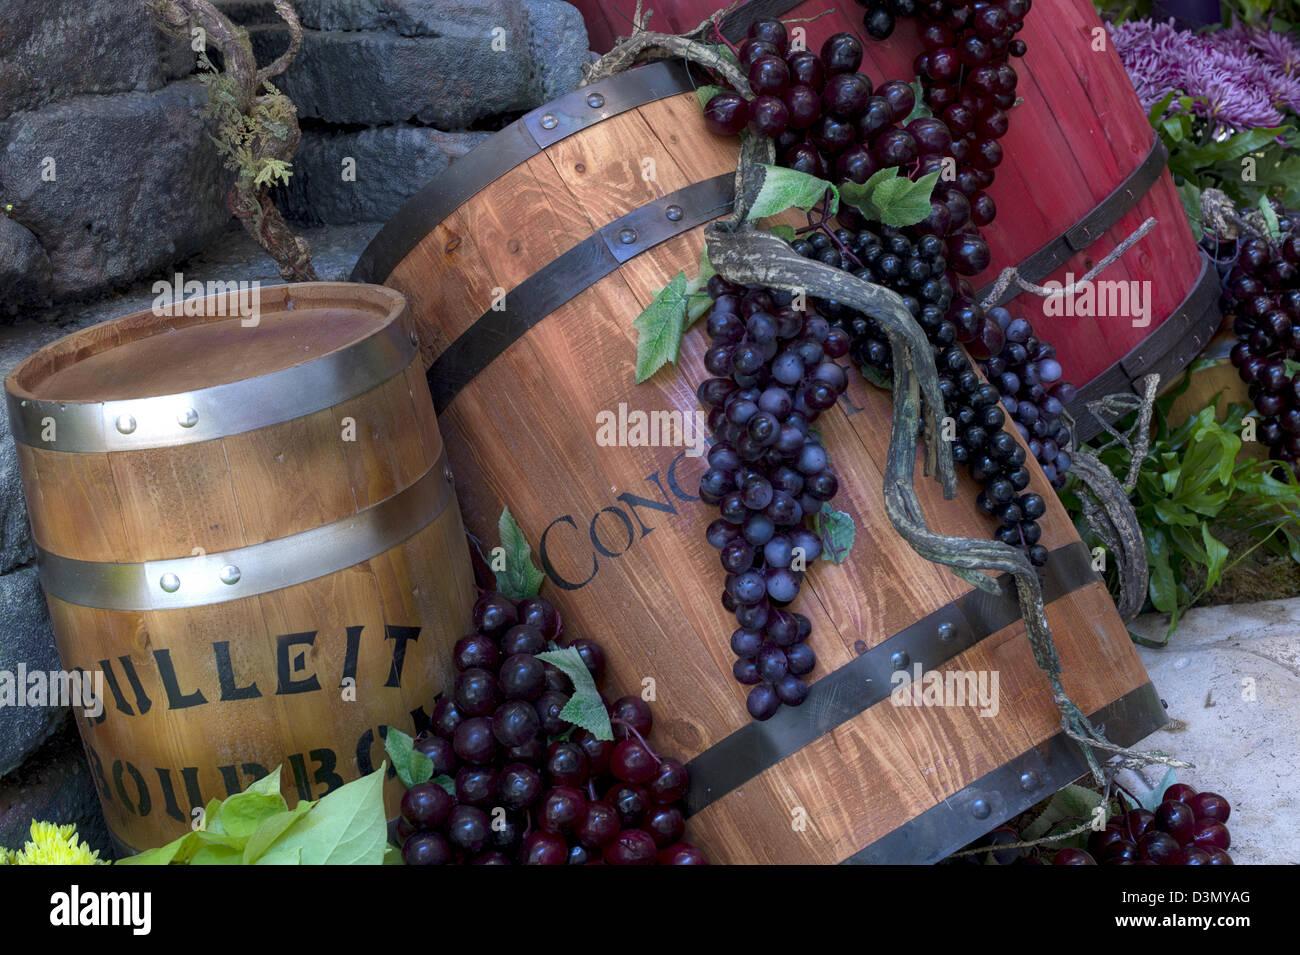 Tonel de vino de uva y de pantalla. Imagen De Stock